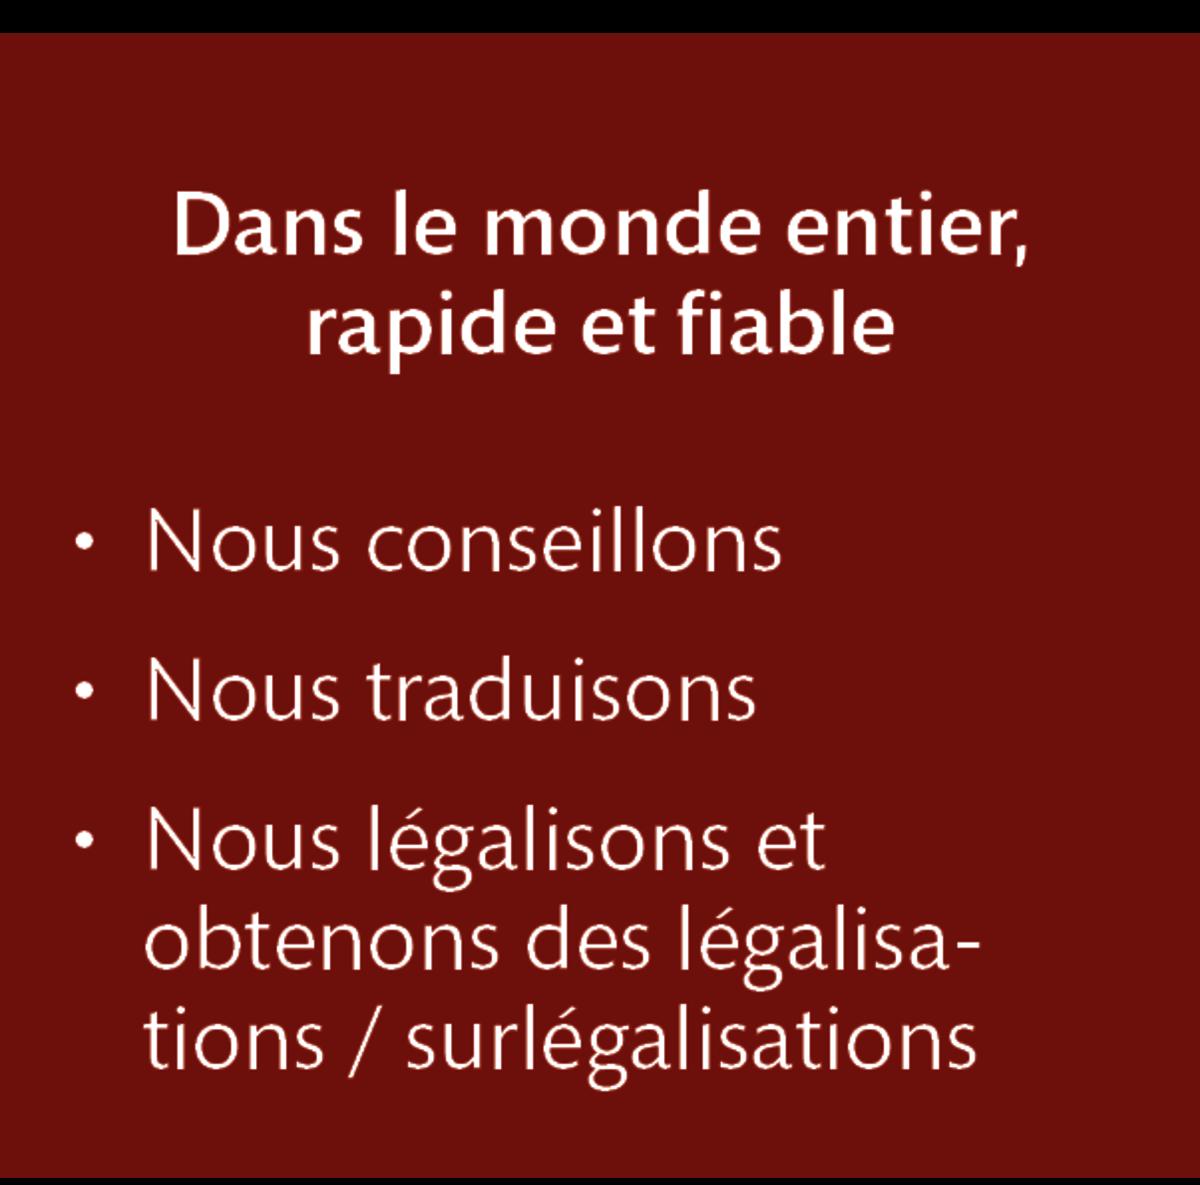 LT Lawtank - Traductions légalisées - Dans le monde entier, rapide, fiable